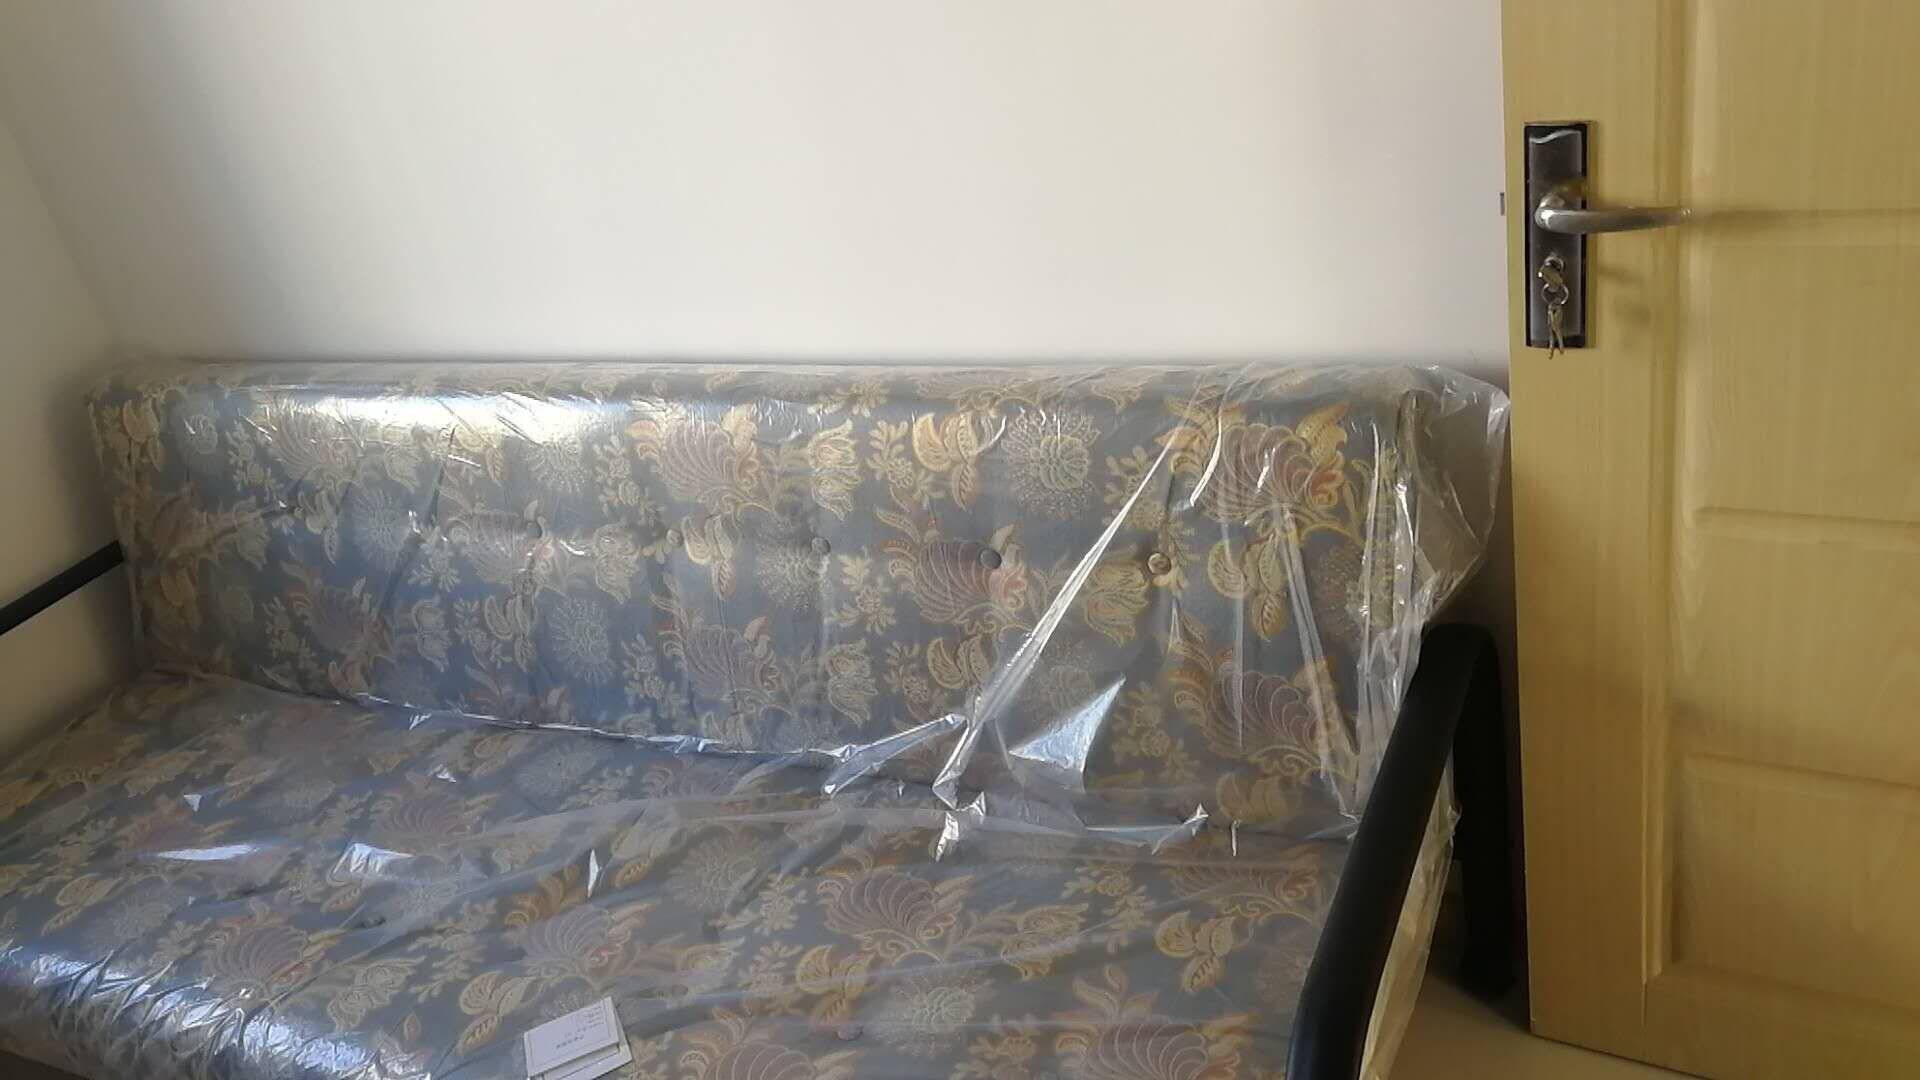 天坛家具沙发床两用可折叠布艺沙发现代简约单人沙发组合单人位长715mm宽780mm高800mm